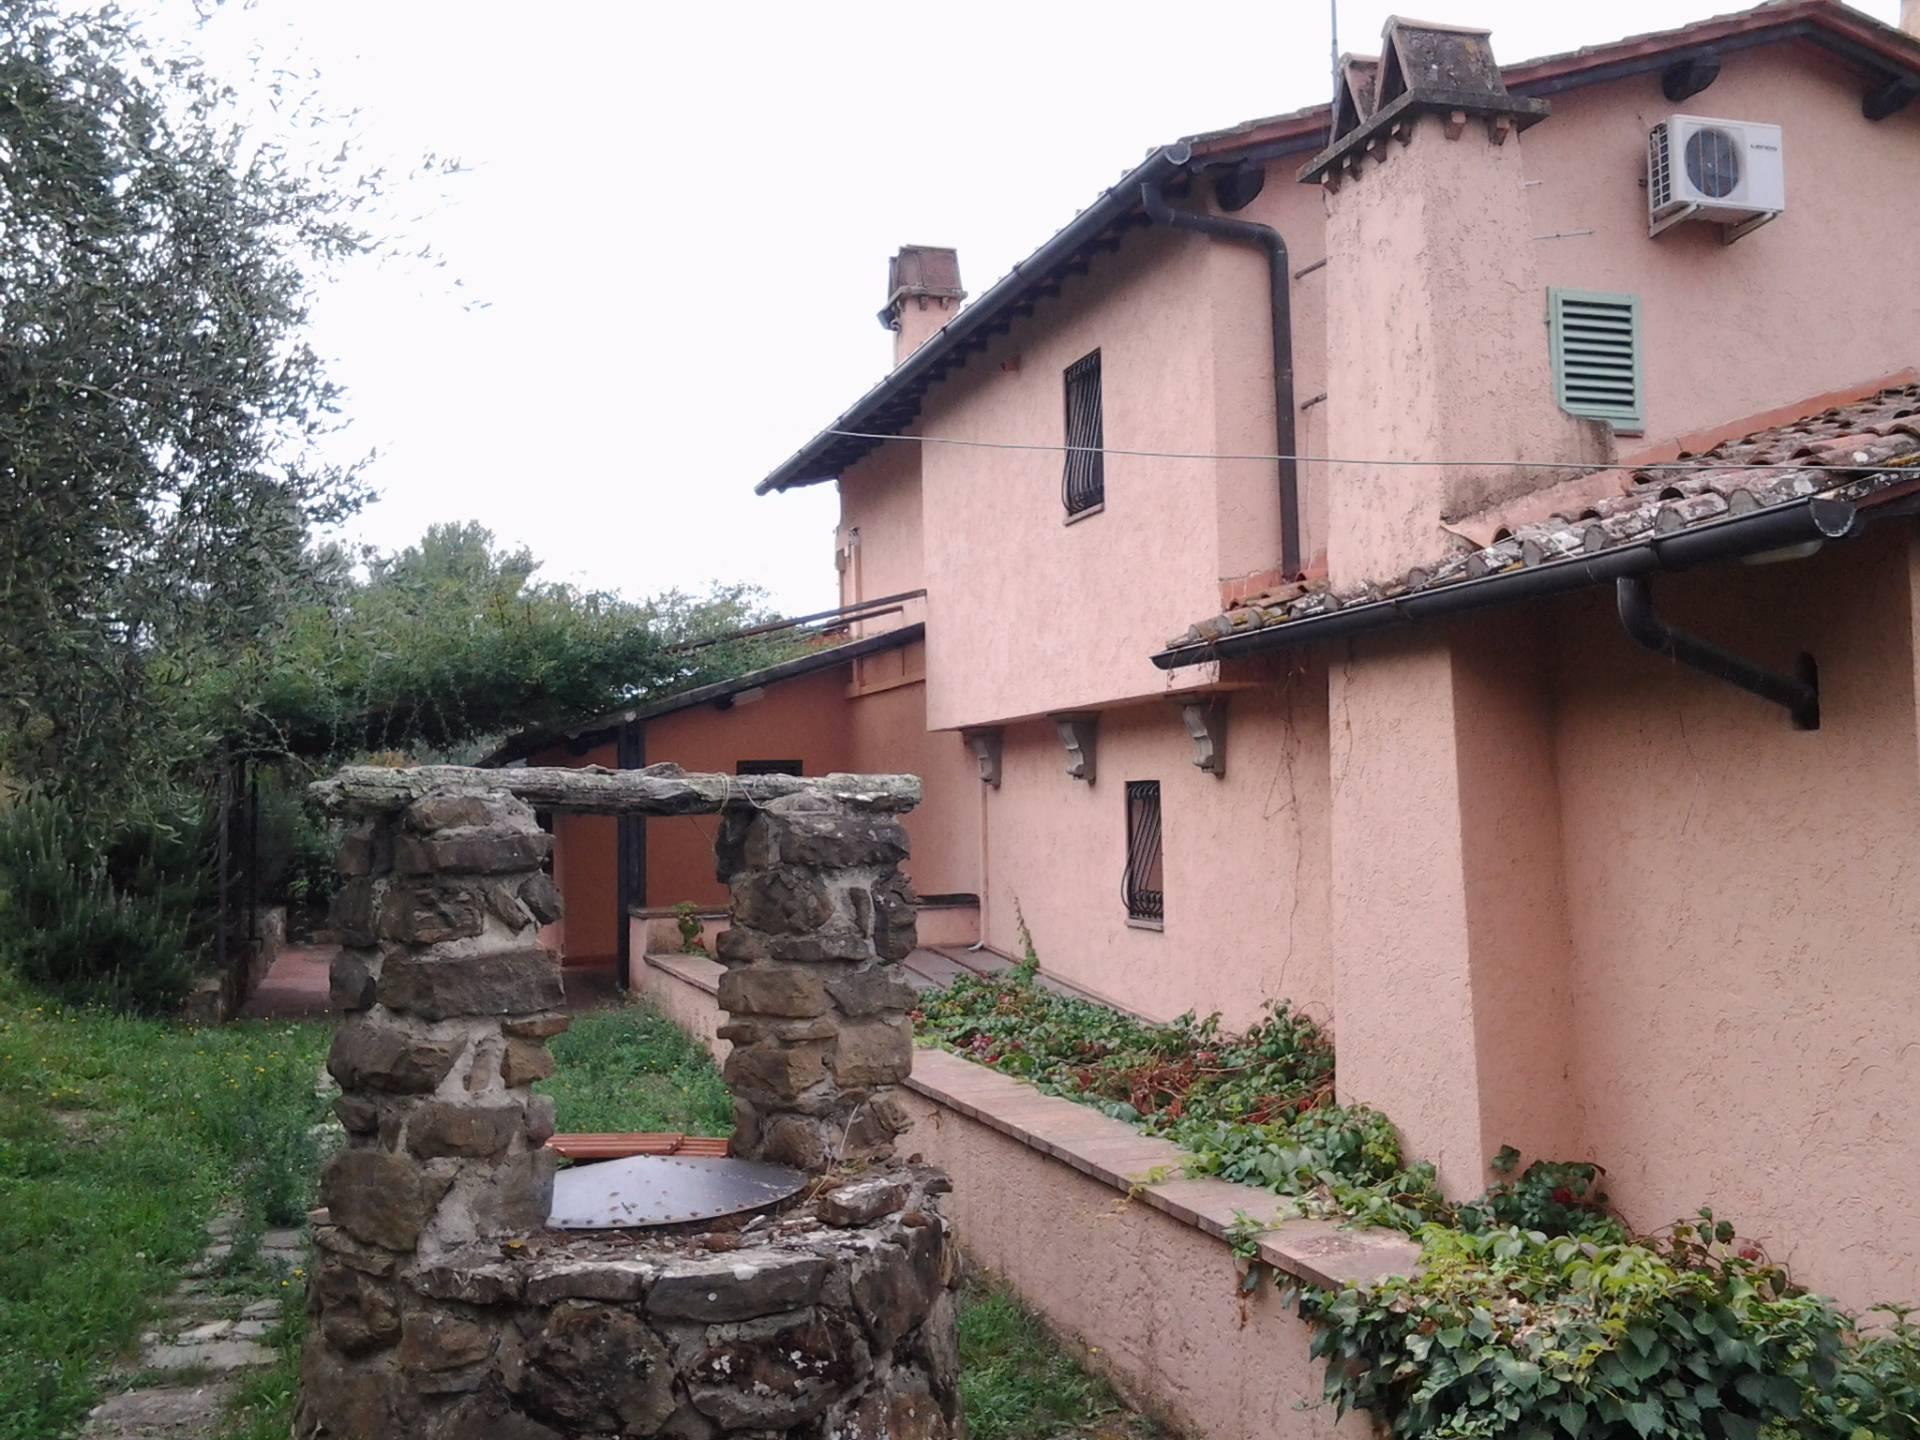 Cbi villa for sale in bagno a ripoli rimaggio